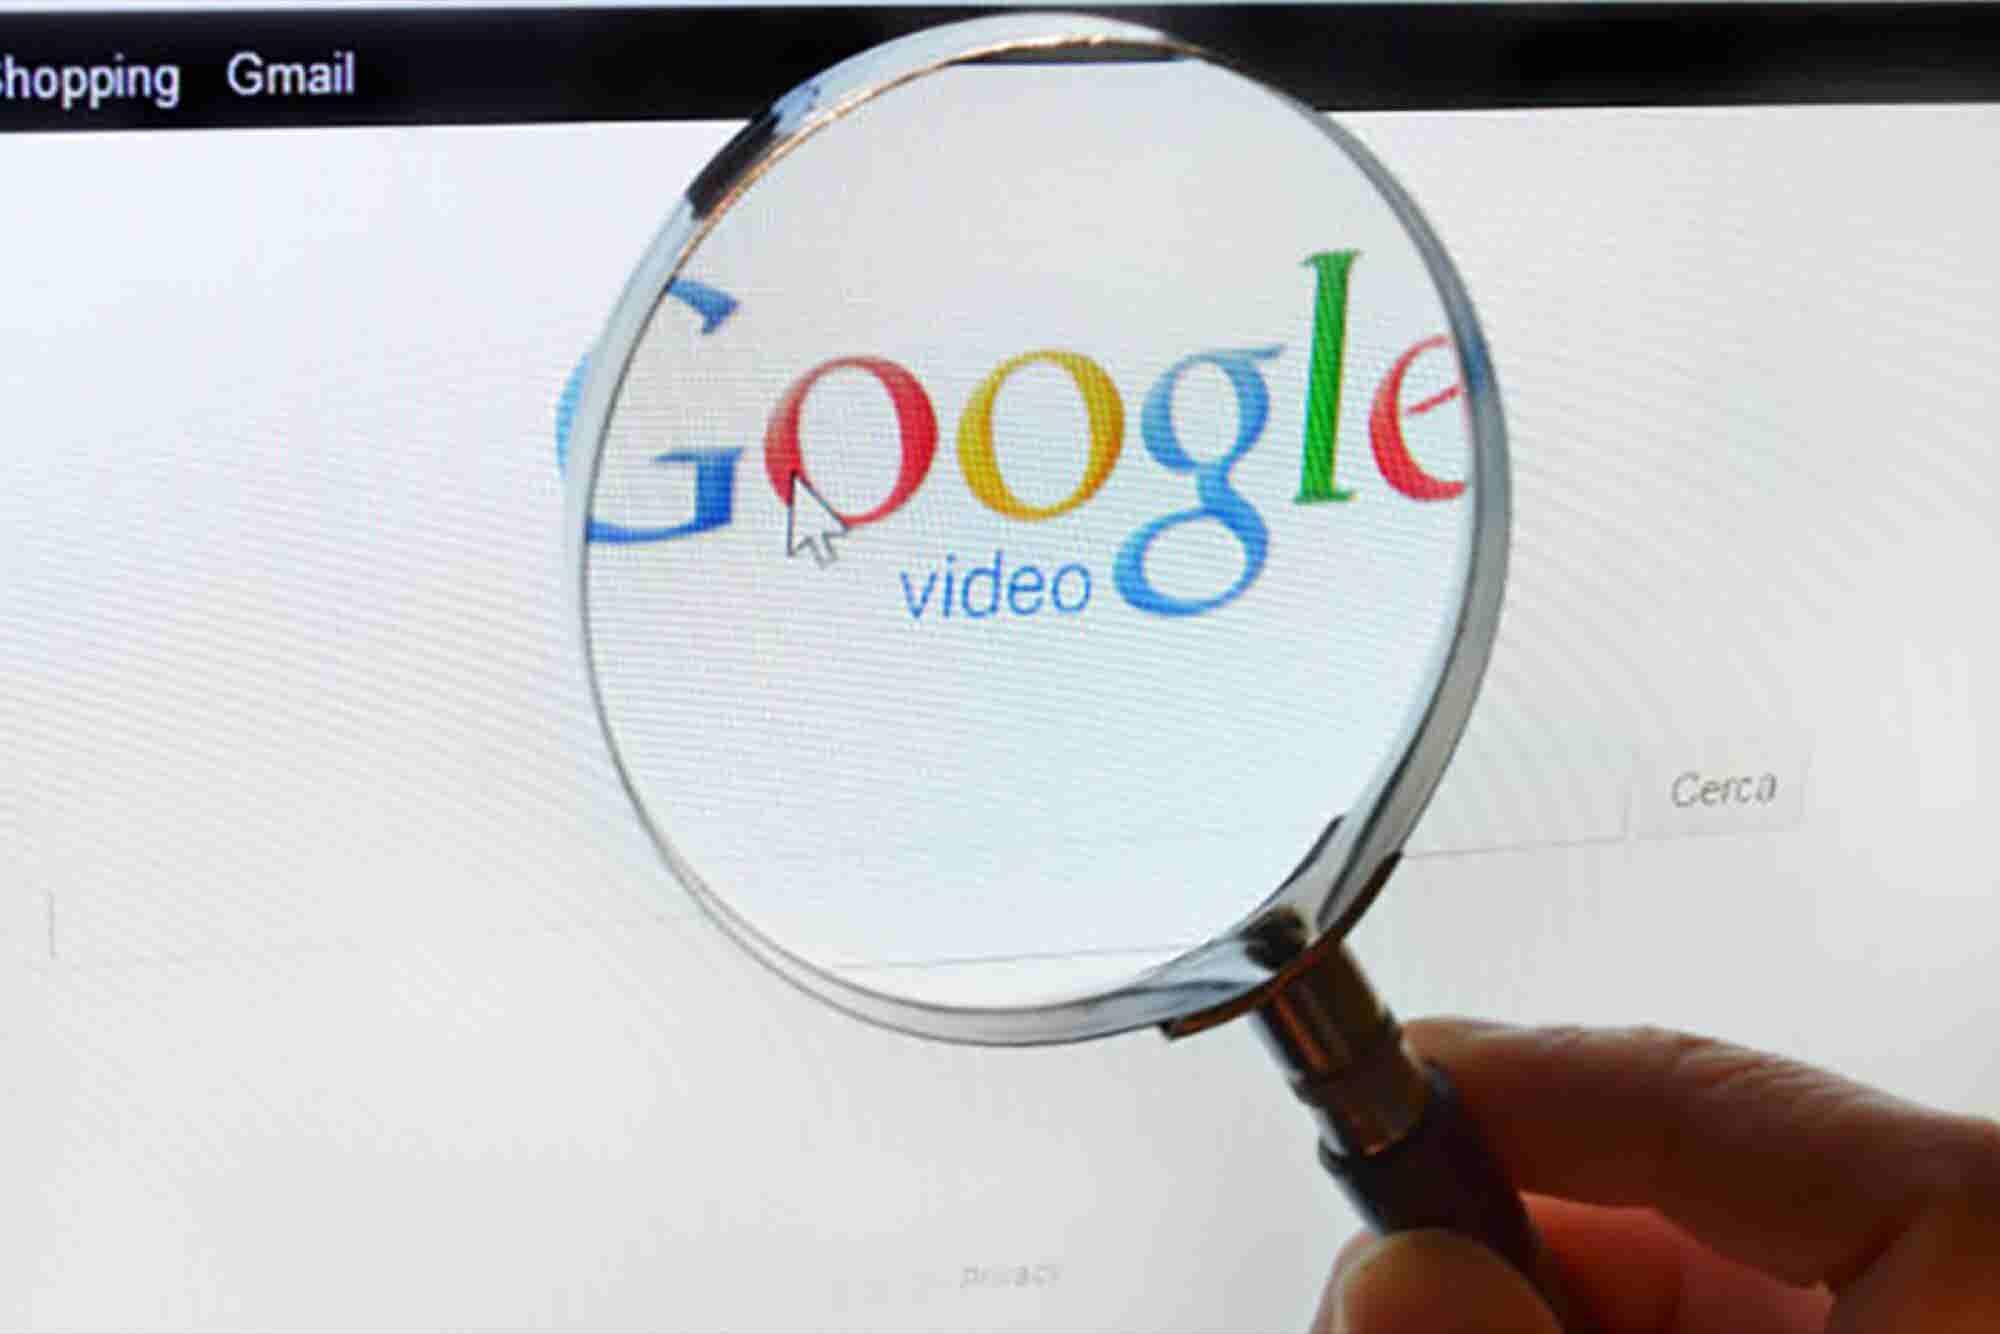 Haz la búsqueda correcta y trabaja para Google